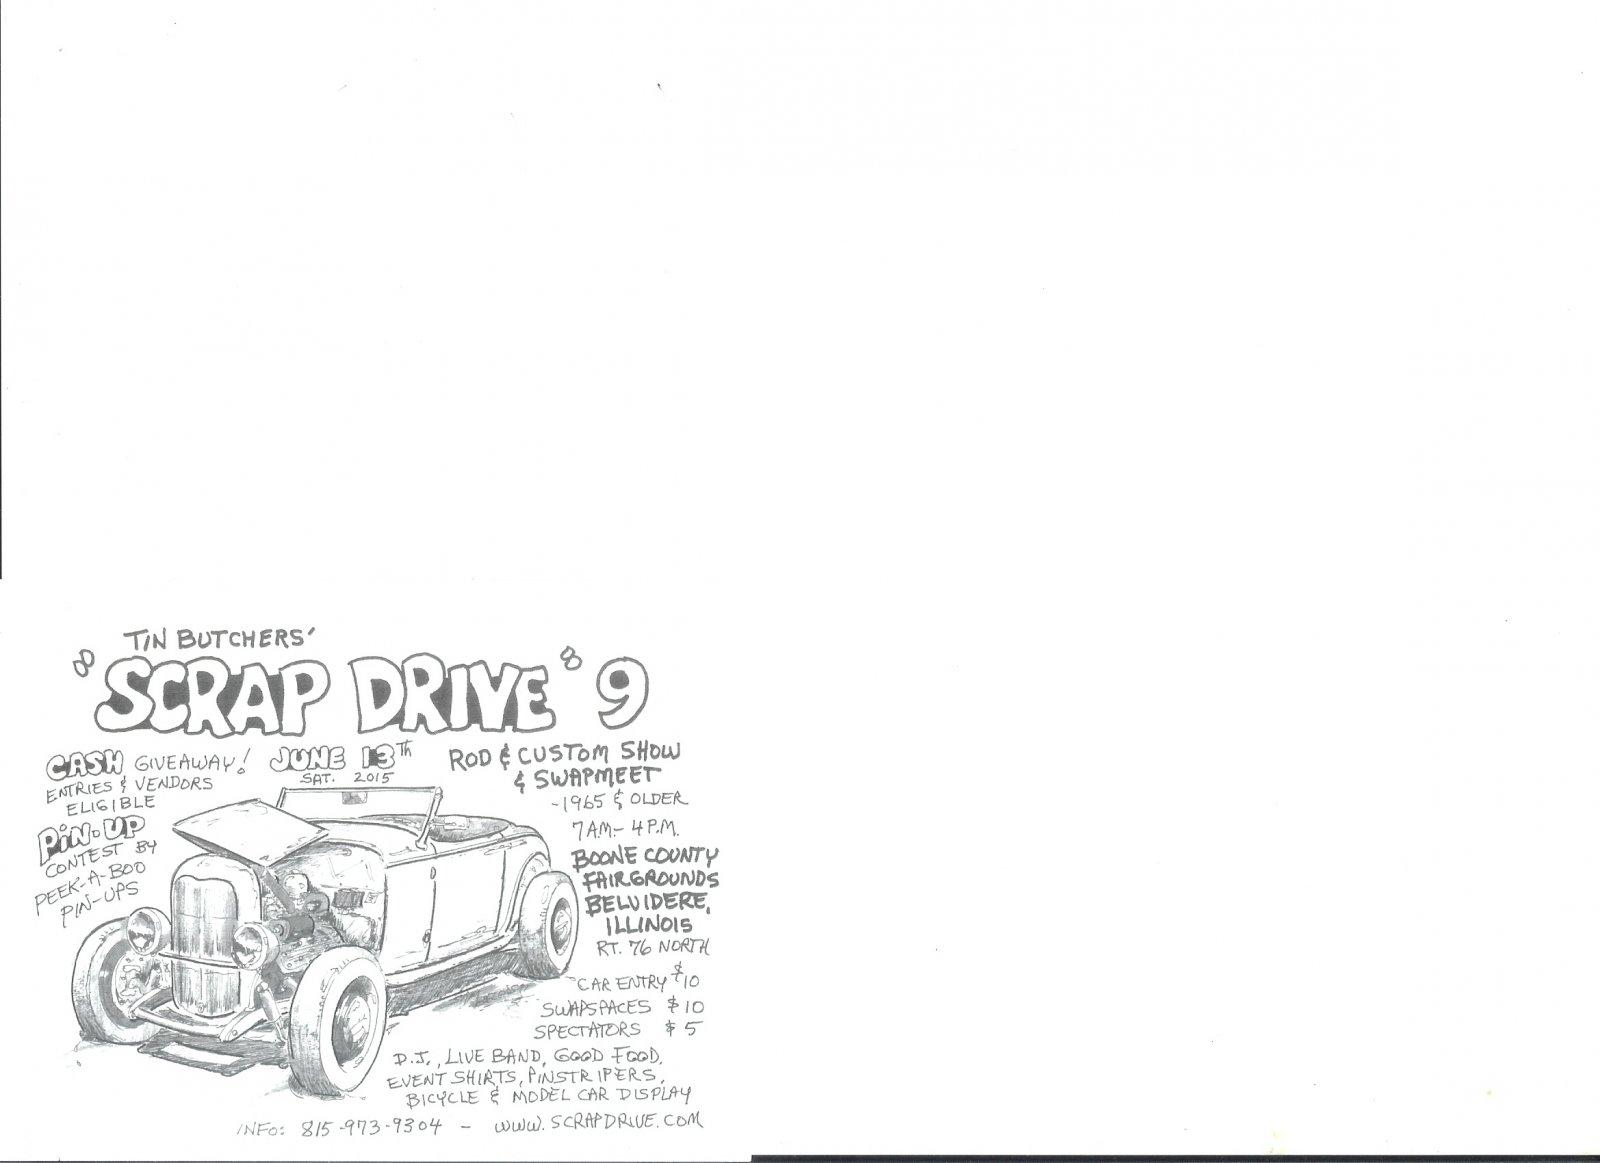 2015 scrap drive card.jpg